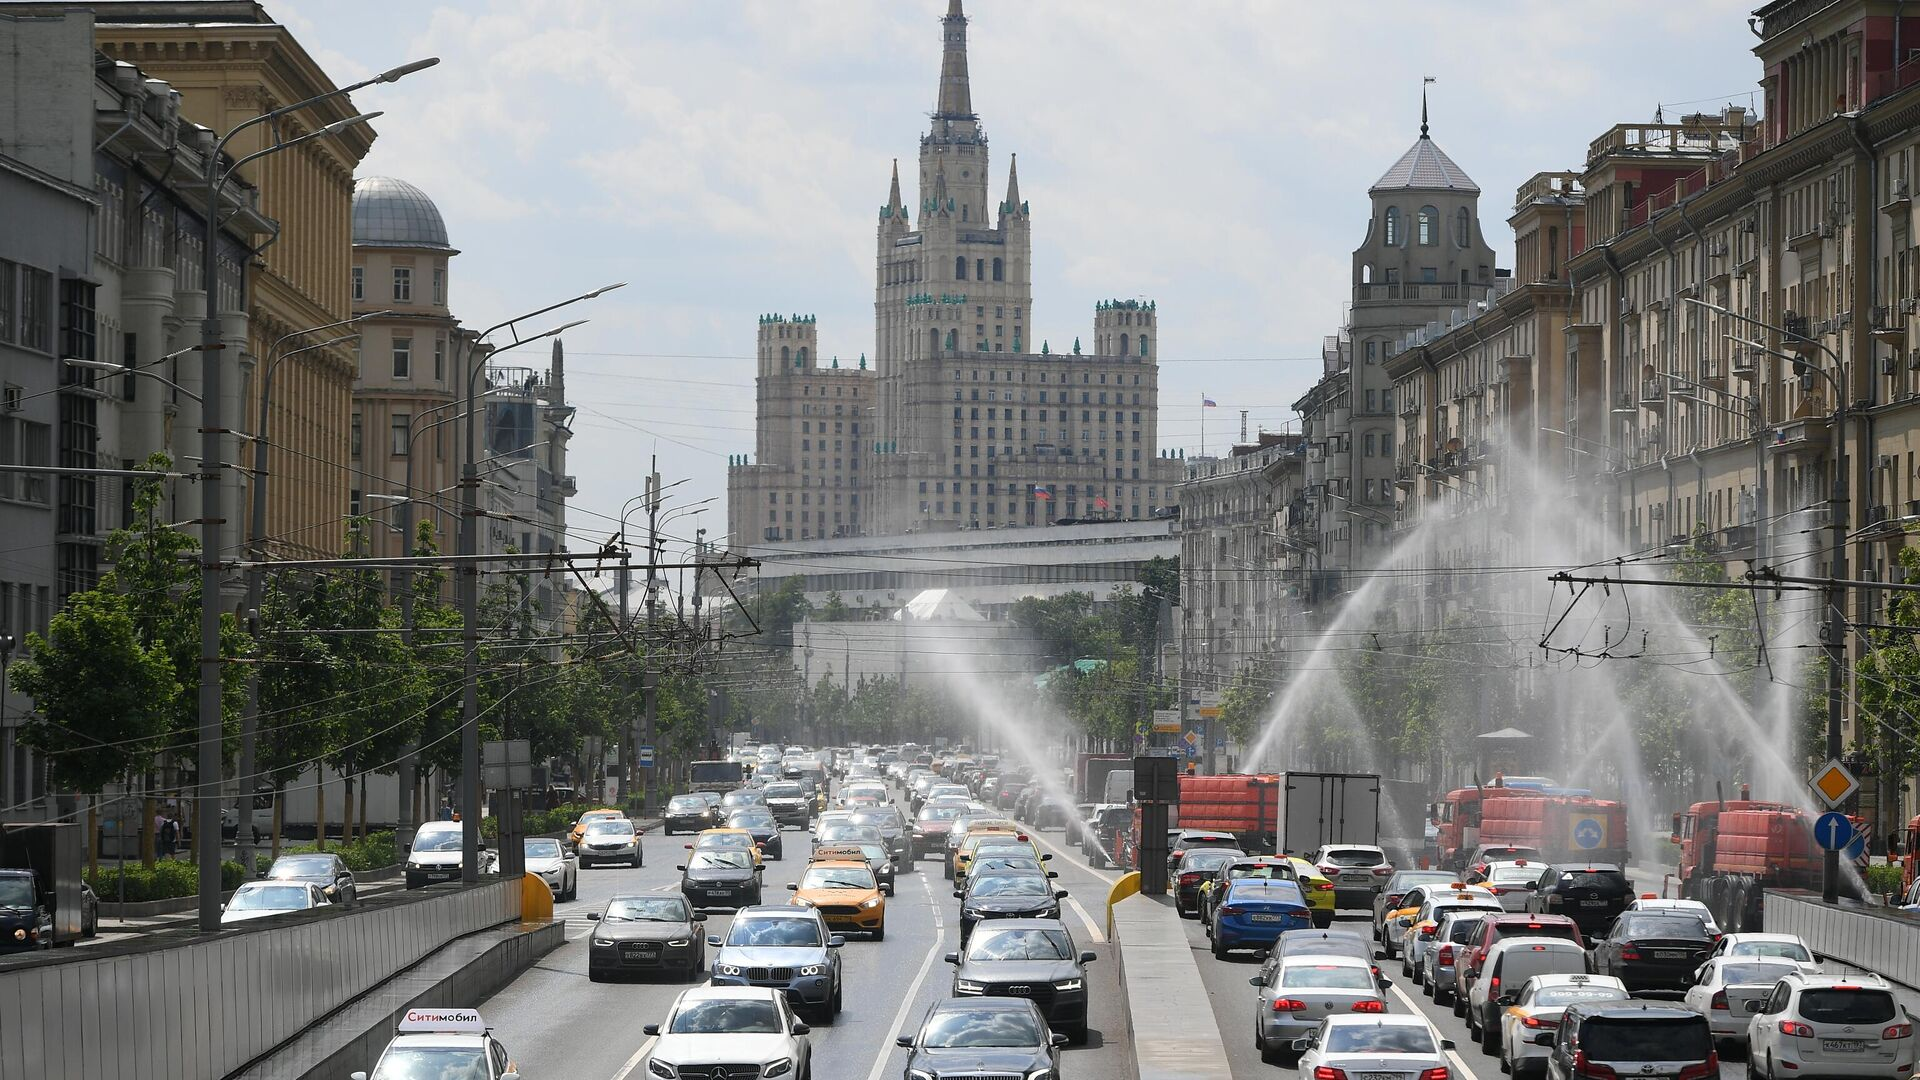 Аэрация воздуха в Москве - РИА Новости, 1920, 29.06.2021